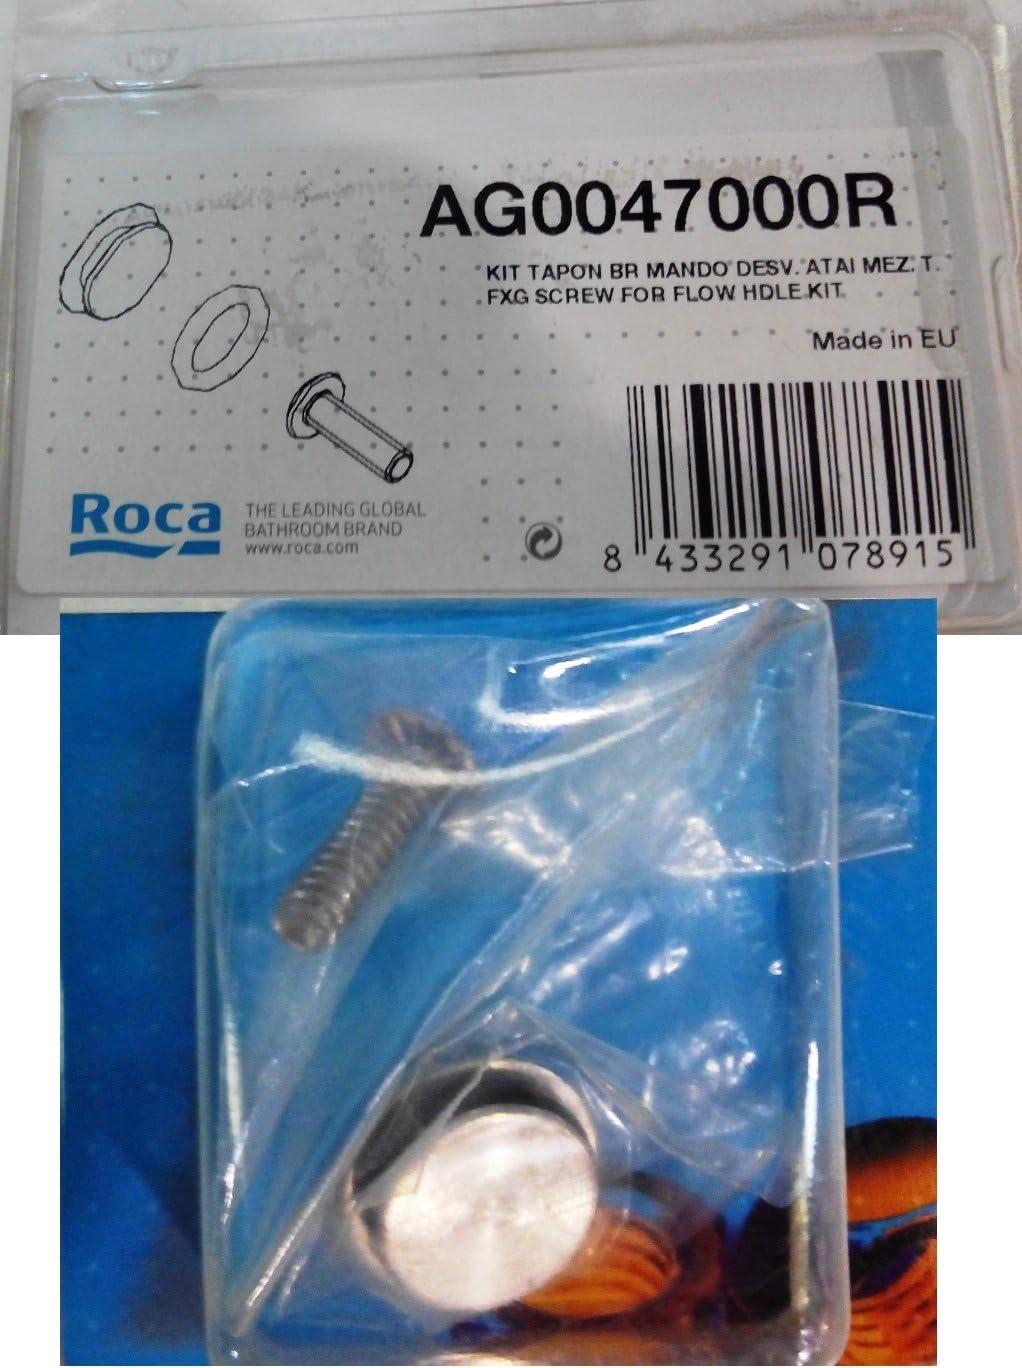 Roca - Kit Tapón Br Mando Desv. Atai Grifo / Mezclador T. Recambio ...